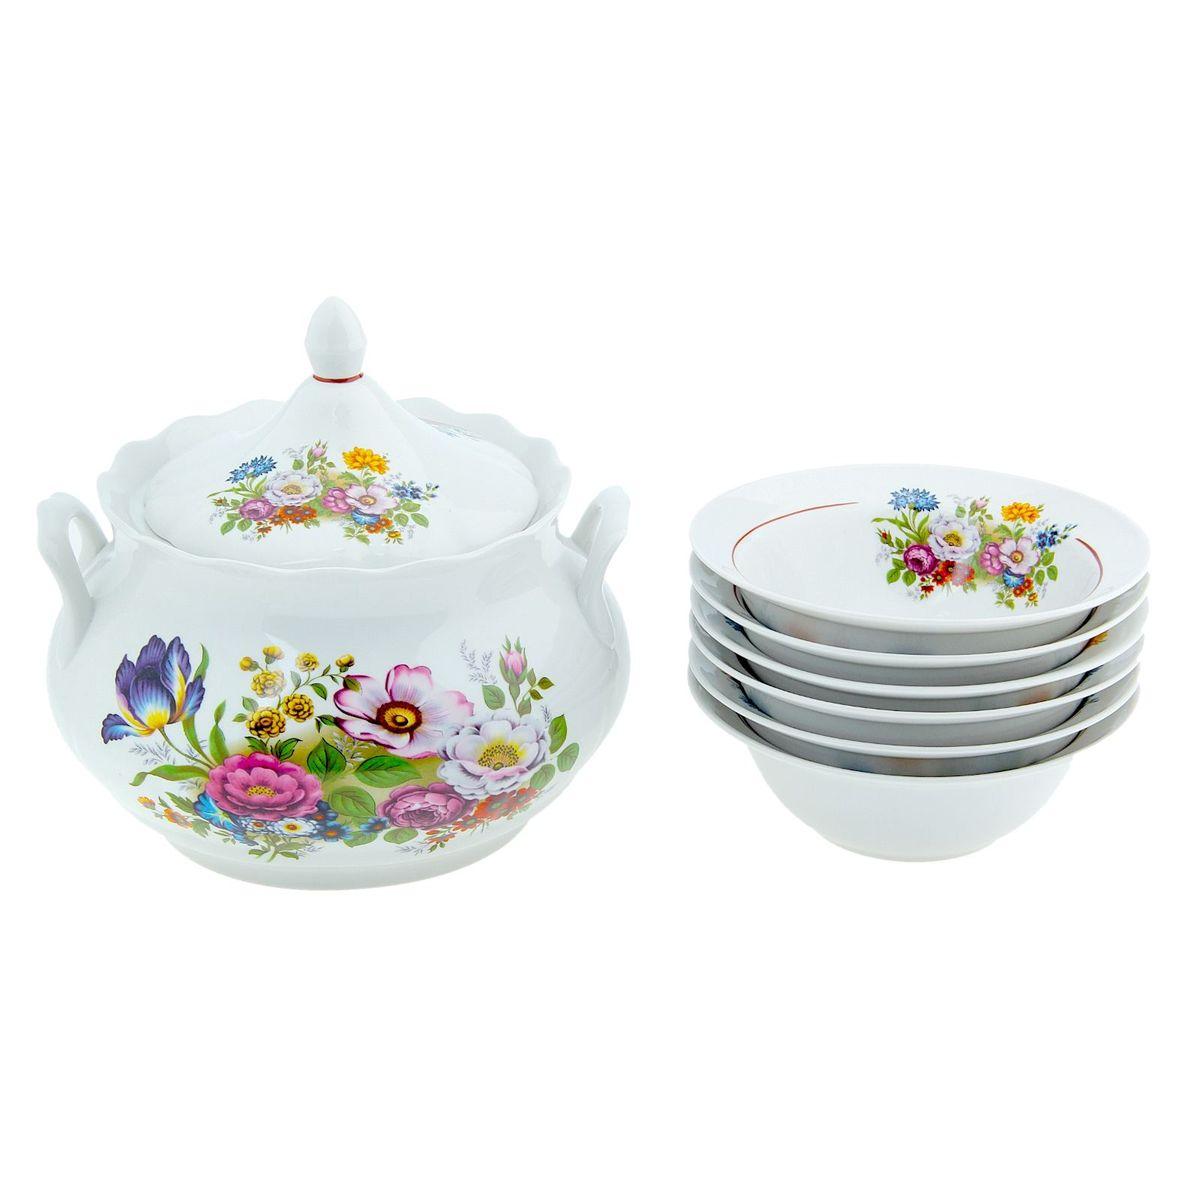 Набор для пельменей Романс. Букет цветов, 7 предметов набор для супа добрушский фарфор пион 10 пр 2с0150